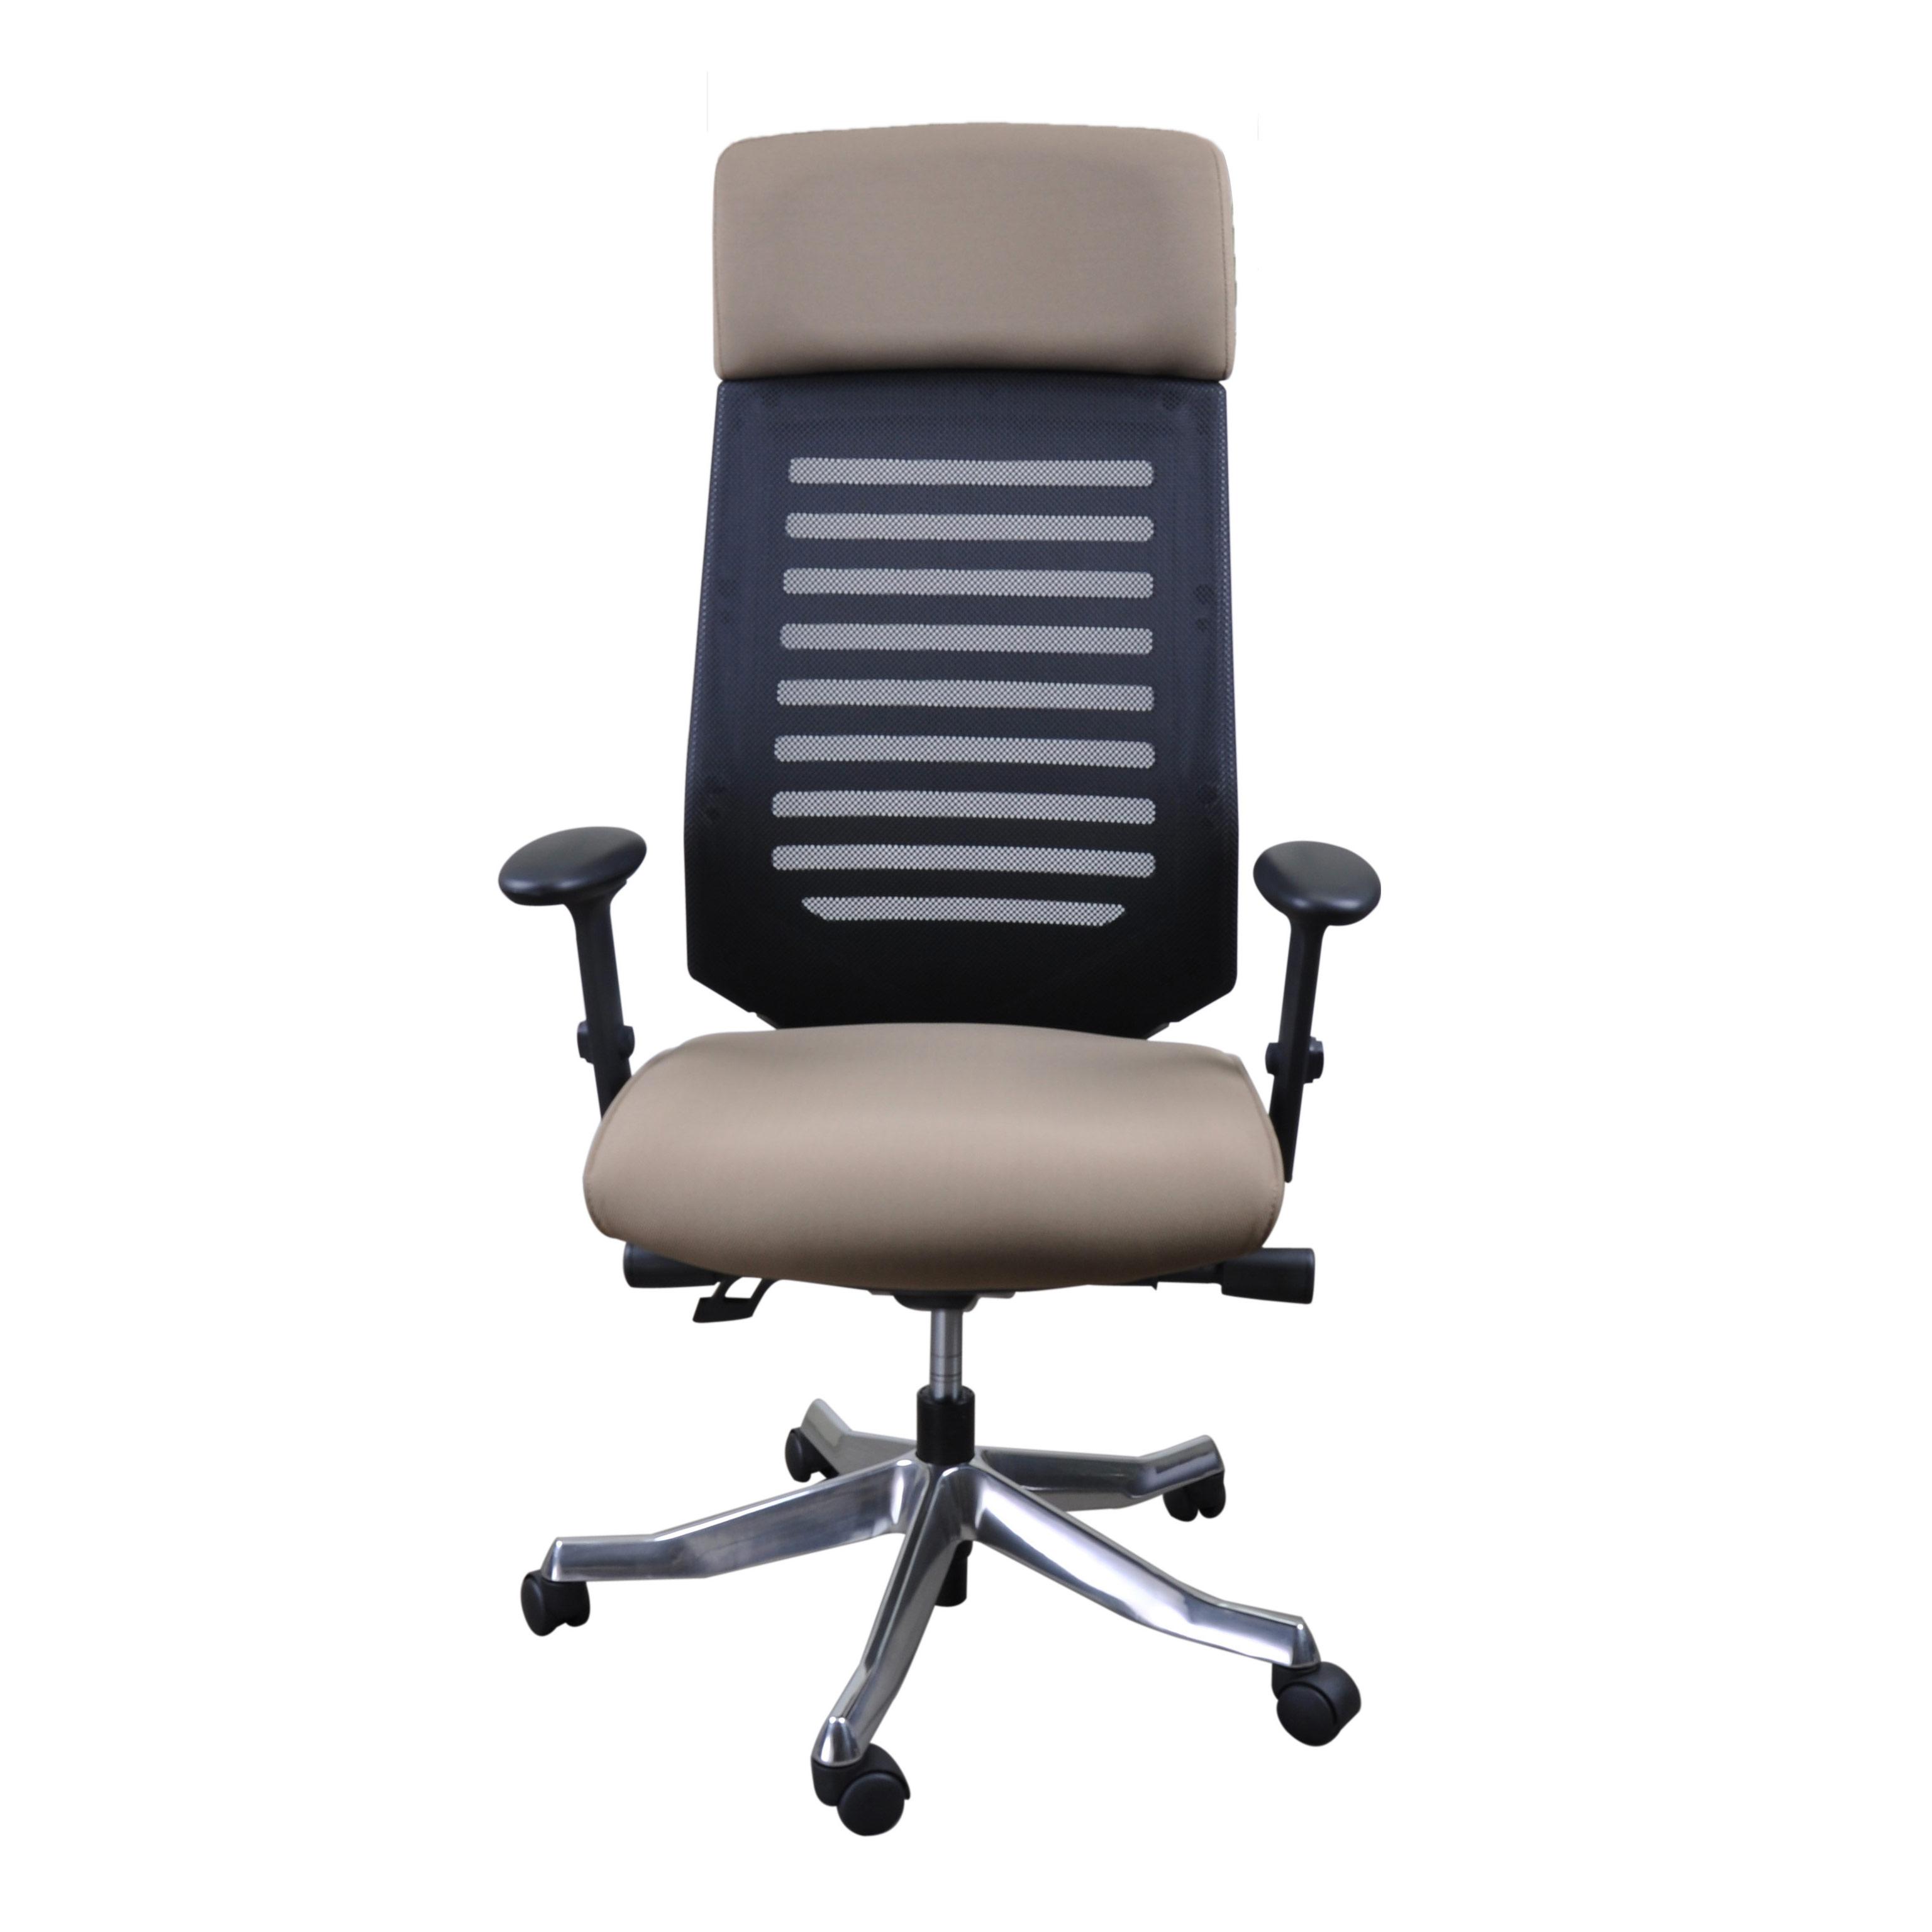 座椅系列网布椅Y-B150112